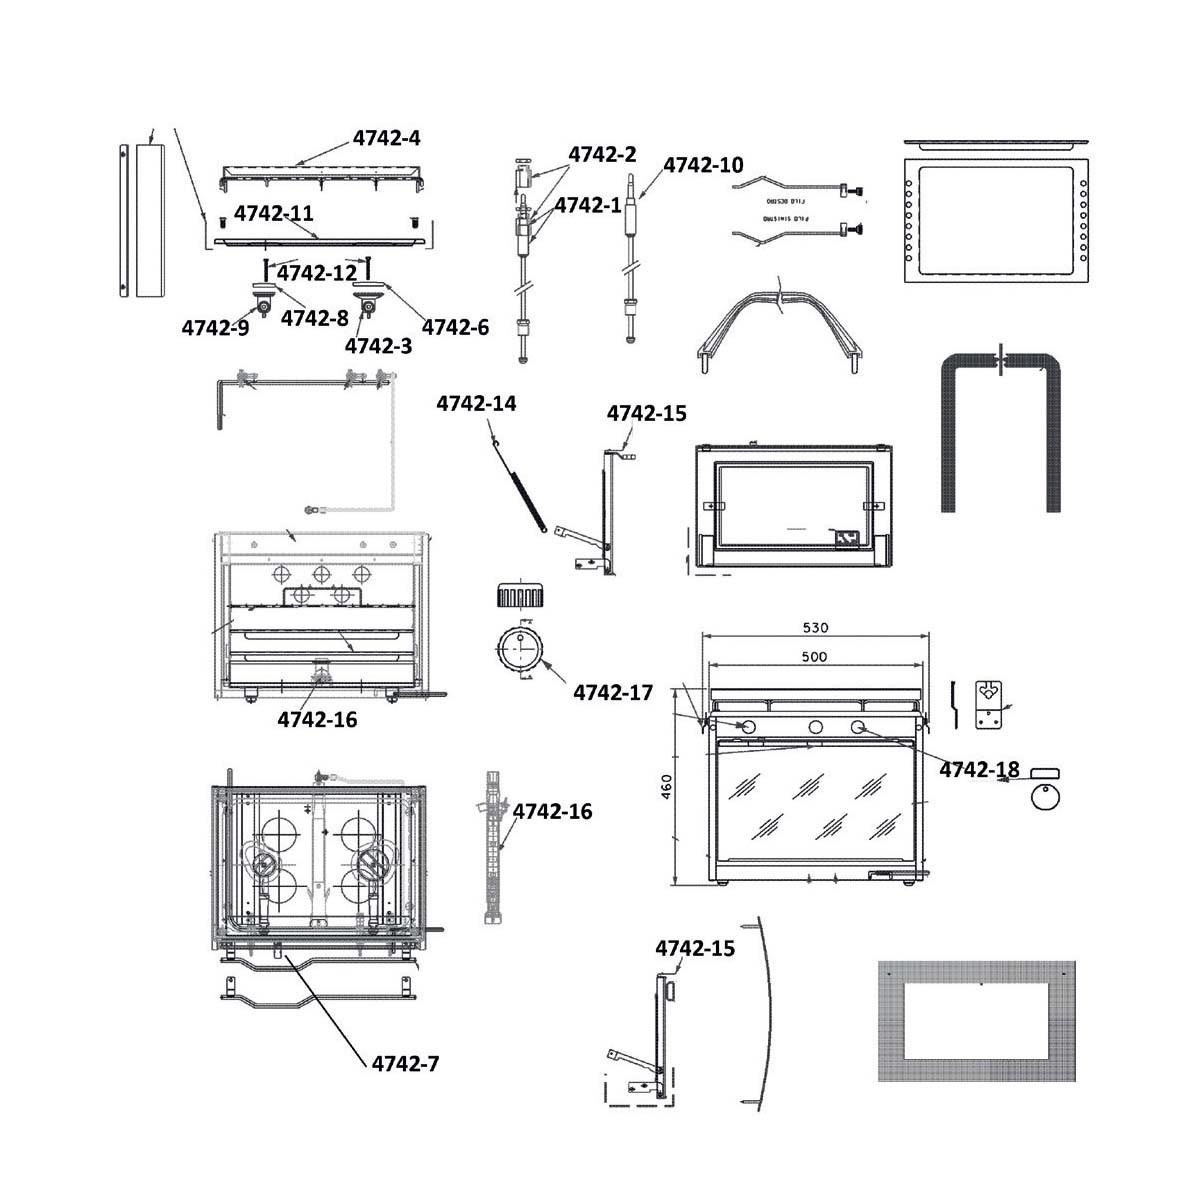 29.96 - Θερμοηλεκτρικό Στοιχείο Για Τον Φούρνο 900 mm - Ανταλλακτικό Κουζίνας